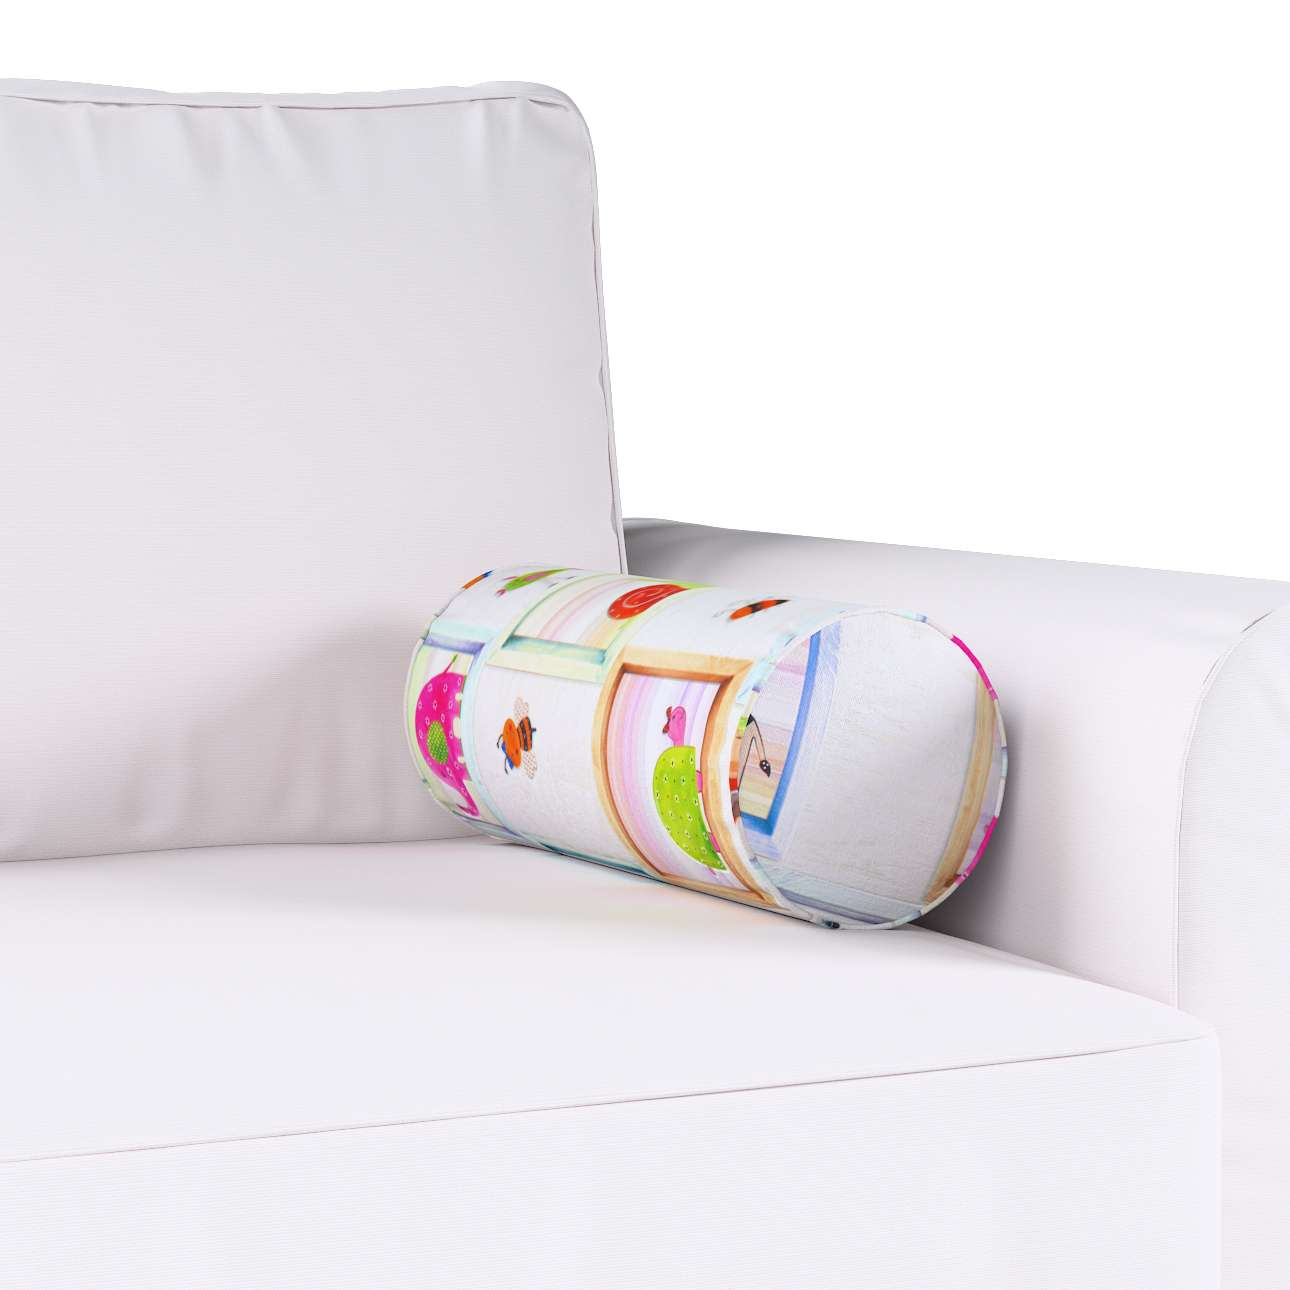 Ritinio formos  pagalvėlė kolekcijoje Apanona, audinys: 151-04